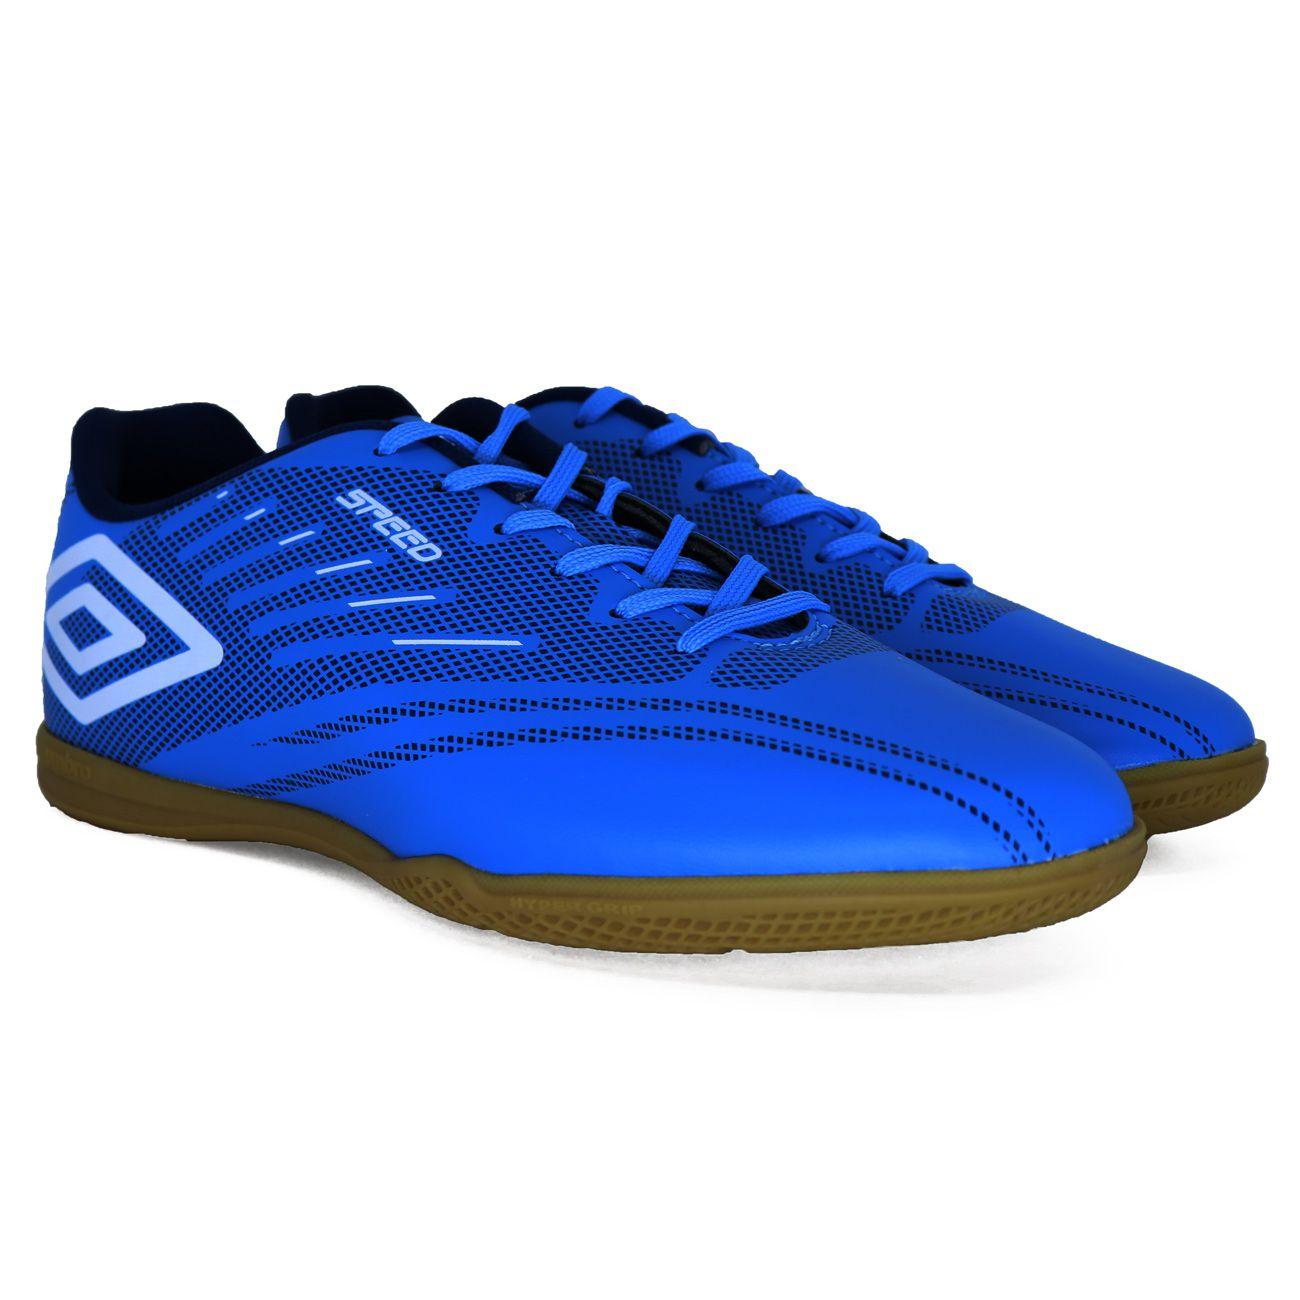 Chuteira Umbro Speed IV Futsal Azul